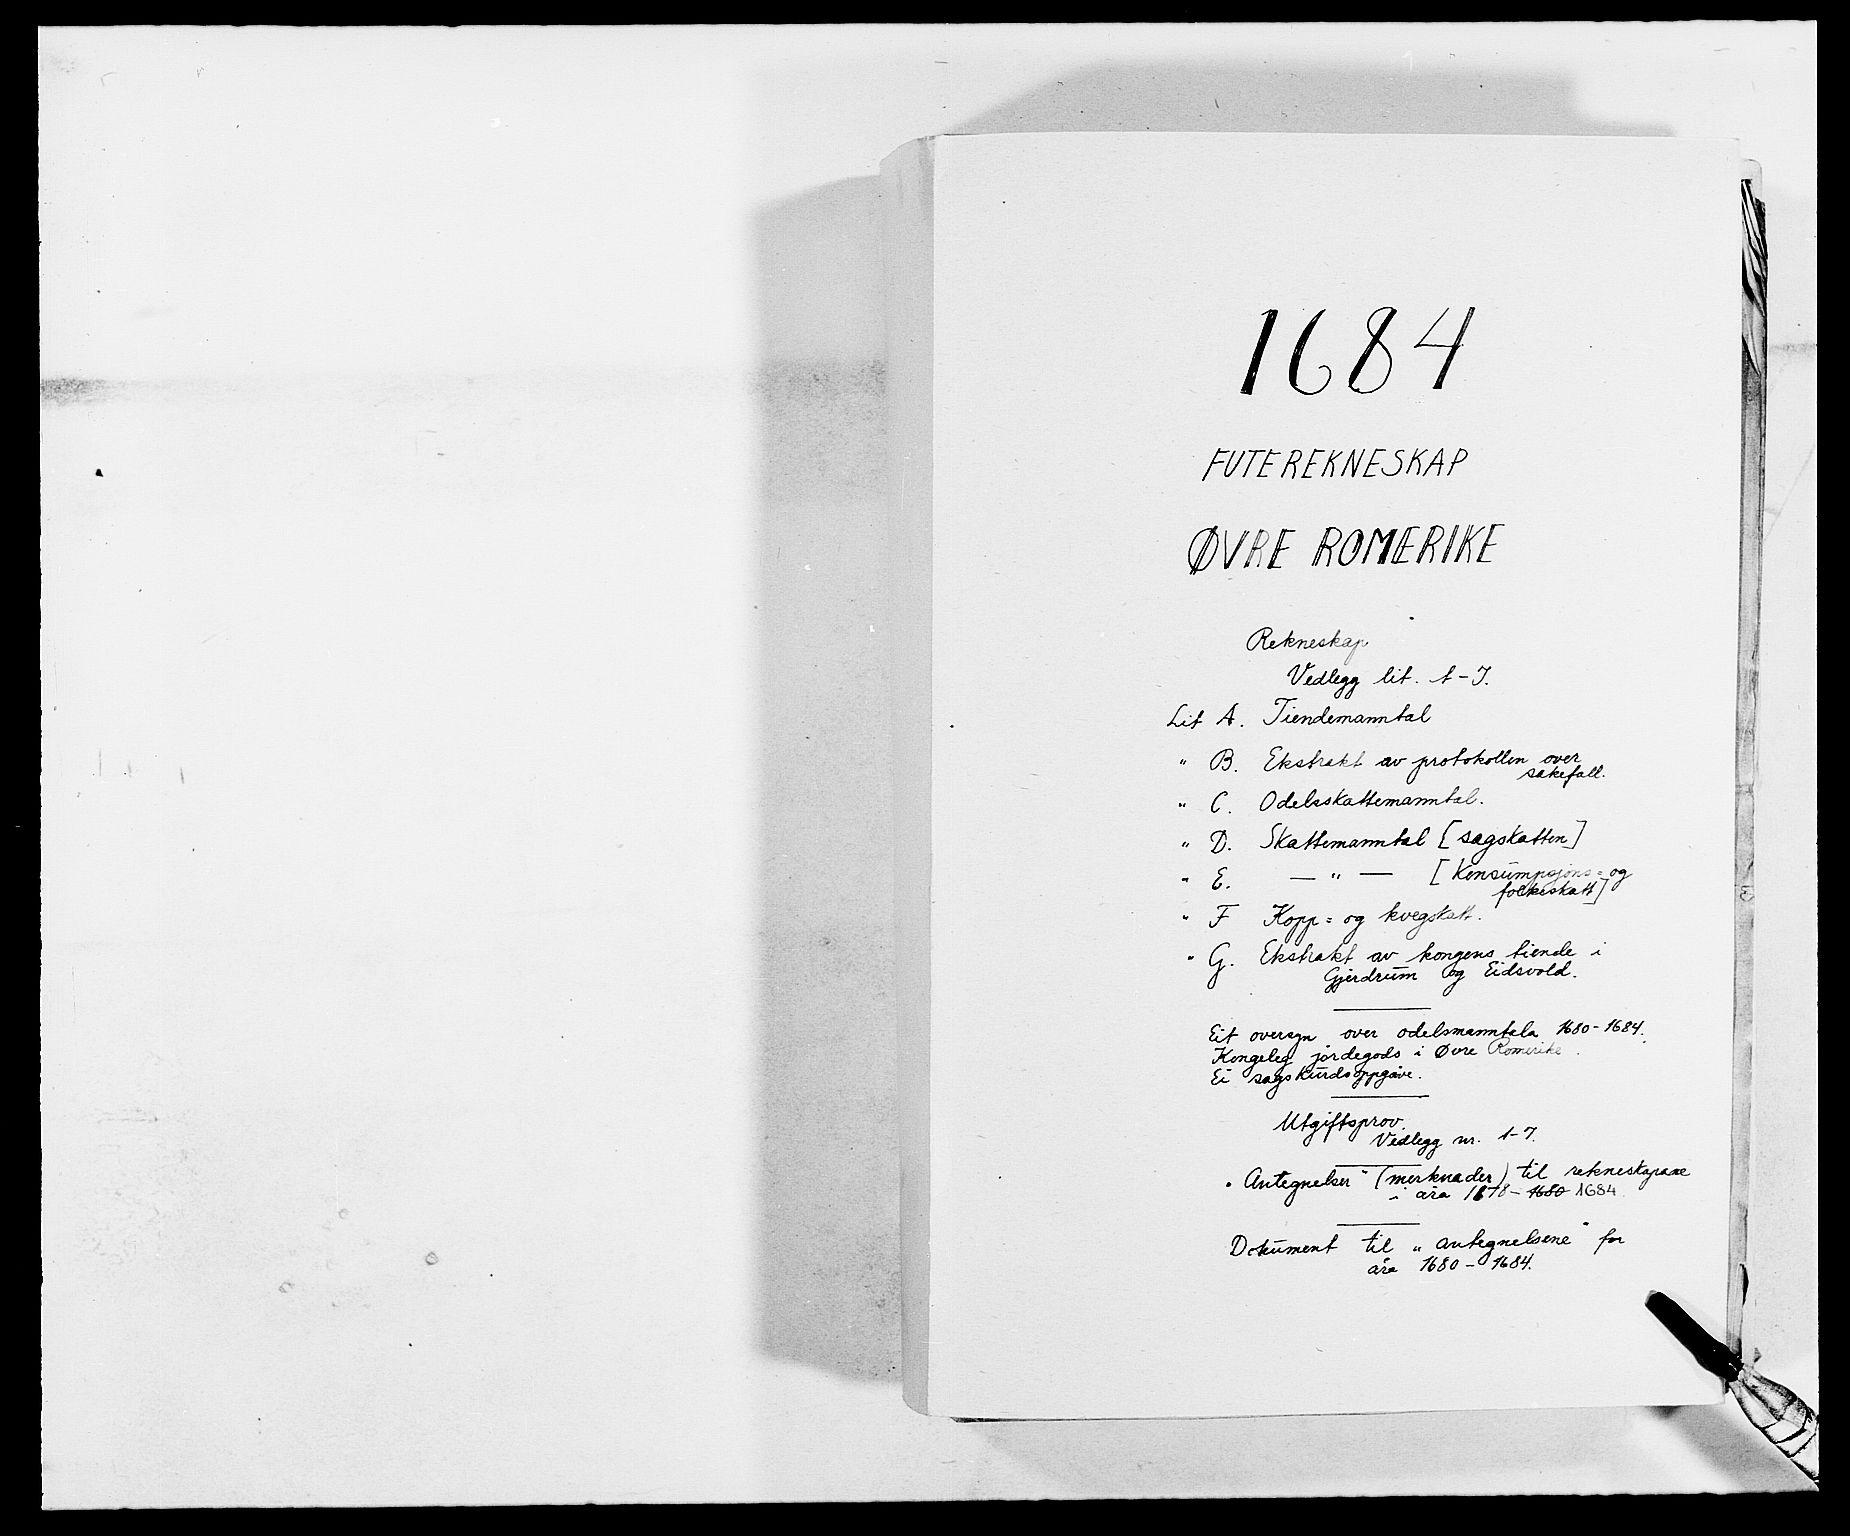 RA, Rentekammeret inntil 1814, Reviderte regnskaper, Fogderegnskap, R12/L0698: Fogderegnskap Øvre Romerike, 1684, s. 1